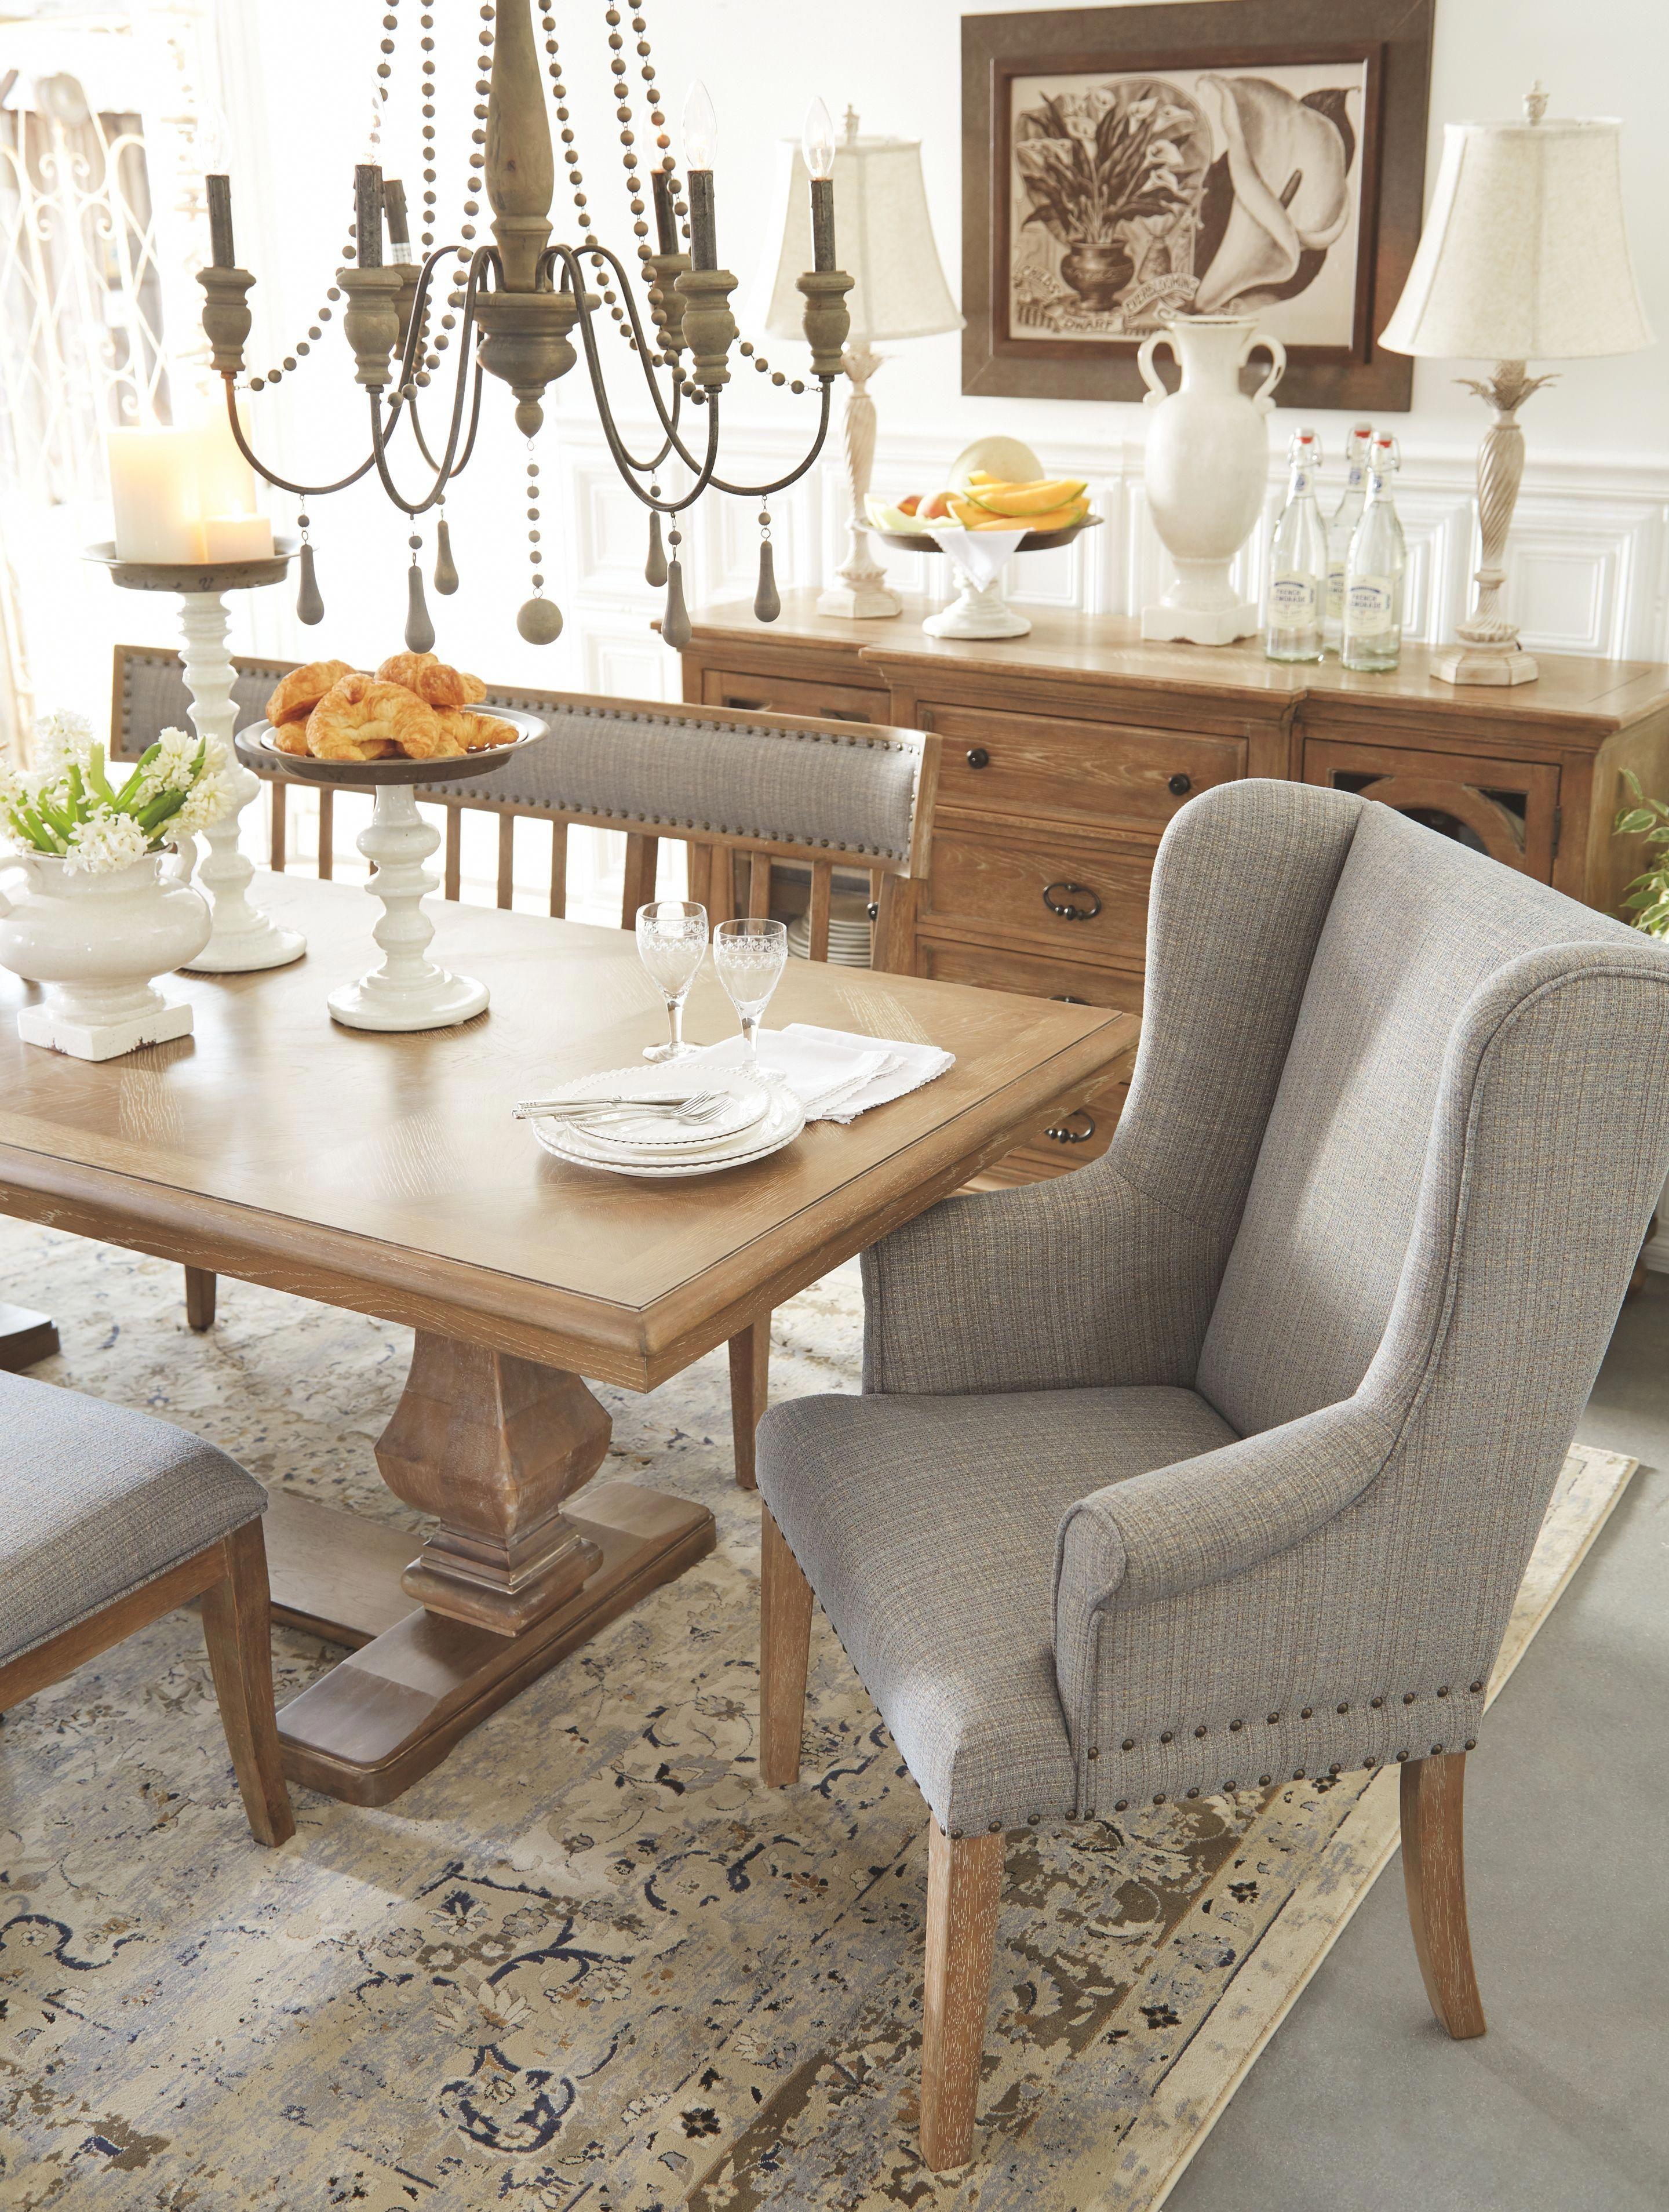 Magnificent Ollesburg Dining Room Chair Set Of 2 Light Blue Inzonedesignstudio Interior Chair Design Inzonedesignstudiocom